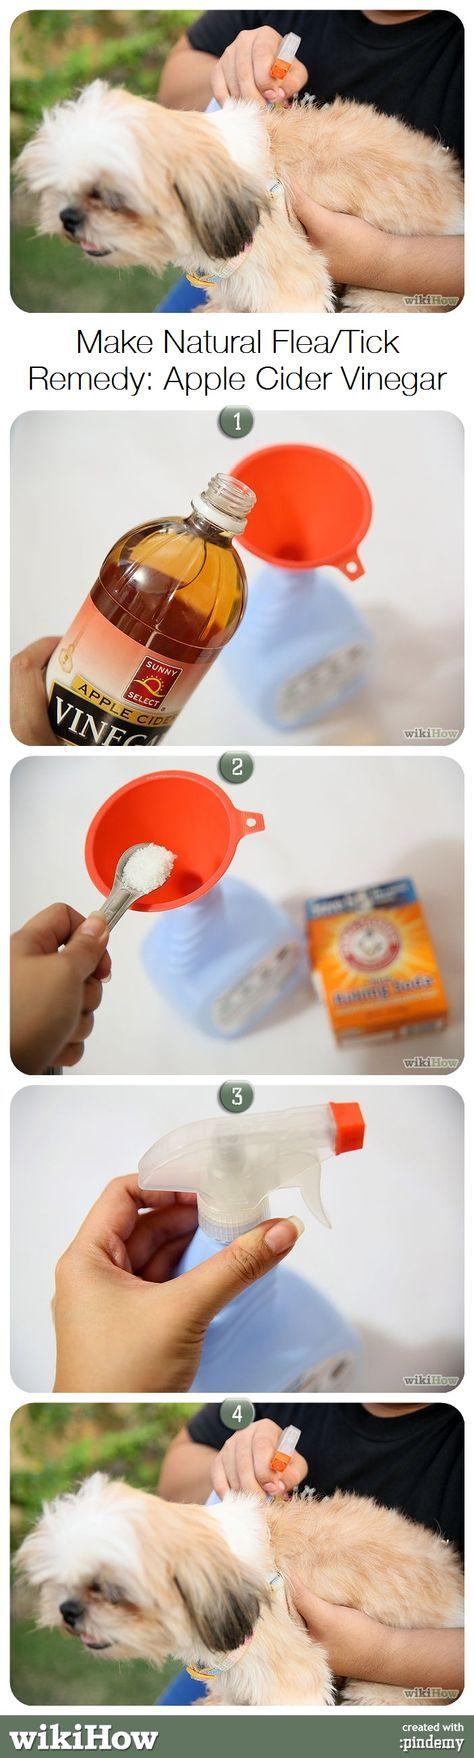 métodos de pulgas y garrapatas Añadir 4 onzas de agua tibia para el vinagre de sidra, seguido por ½ cdta. sal y ½ cdta. bicarbonato de sosa.